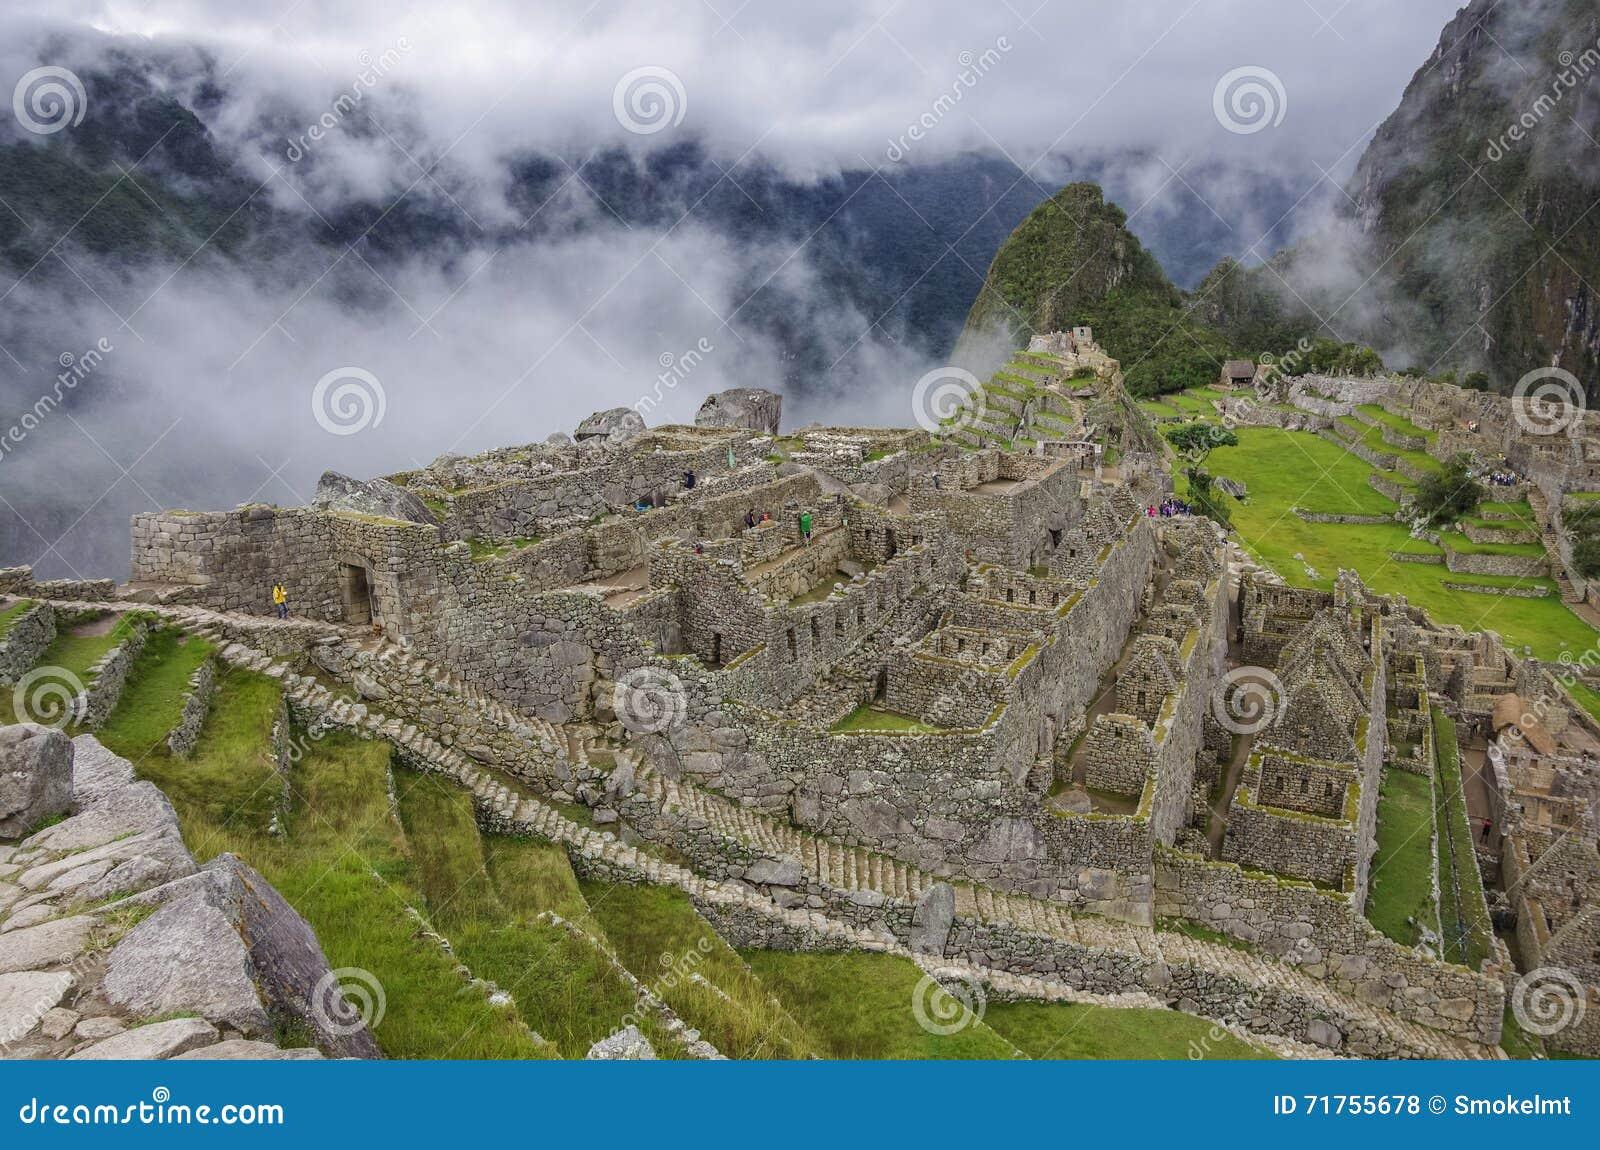 Άποψη της χαμένης πόλης Incan Machu Picchu κοντά σε Cusco Χαμηλό σύννεφο